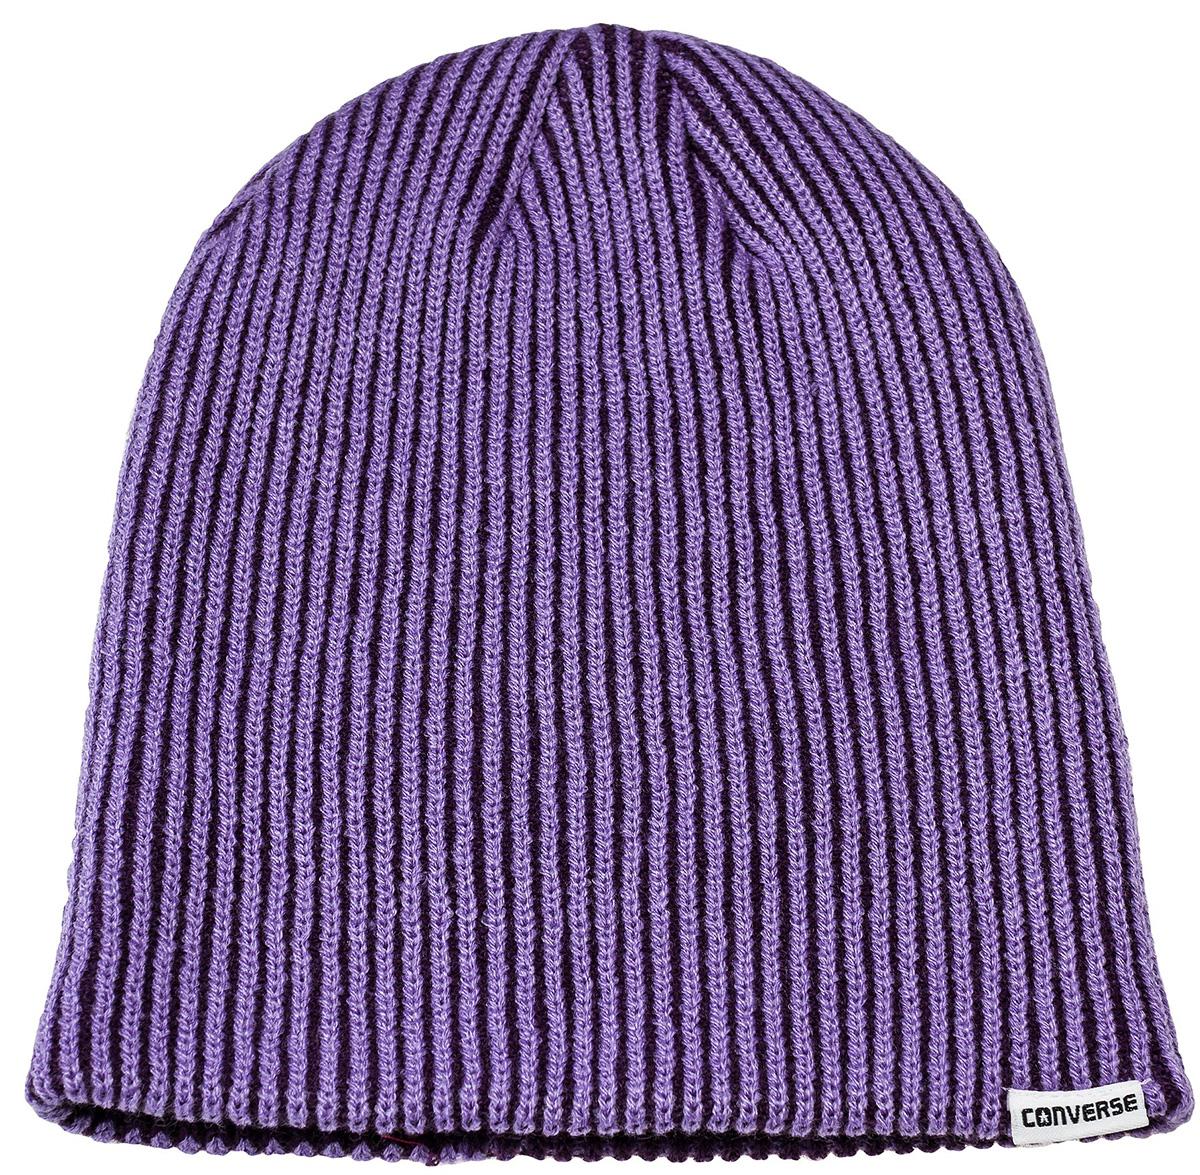 Шапка Converse Contrast Rib Knit, цвет: фиолетовый. 561875. Размер универсальный561875Шапка Converse изготовленная из 100% акрила мягкая, комфортная и теплая. Практичная форма шапки делает ее очень комфортной. Качественная пряжа не линяет и не растягивается. Шапка Converse прекрасно дополнит ваш наряд и не позволит вам замерзнуть в прохладное время года.